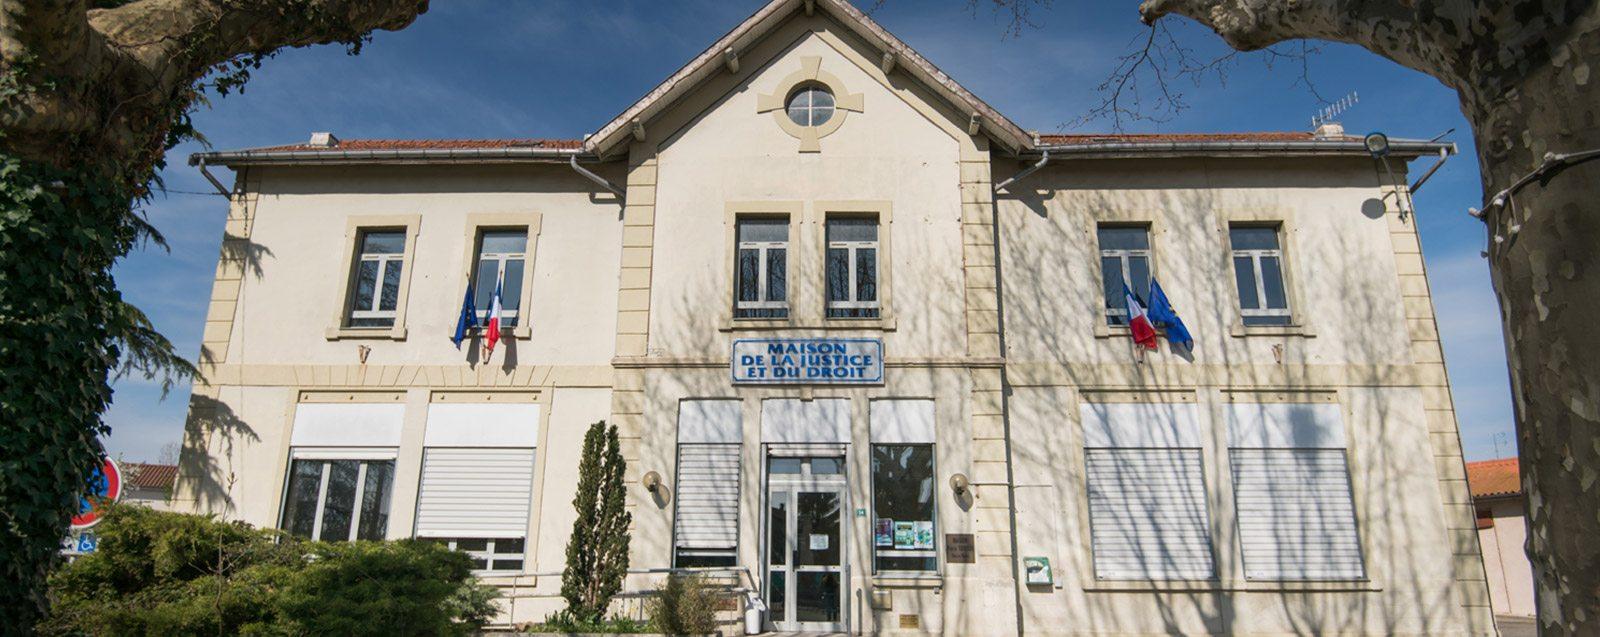 Maison de la Justice et du Droit de Villefontaine